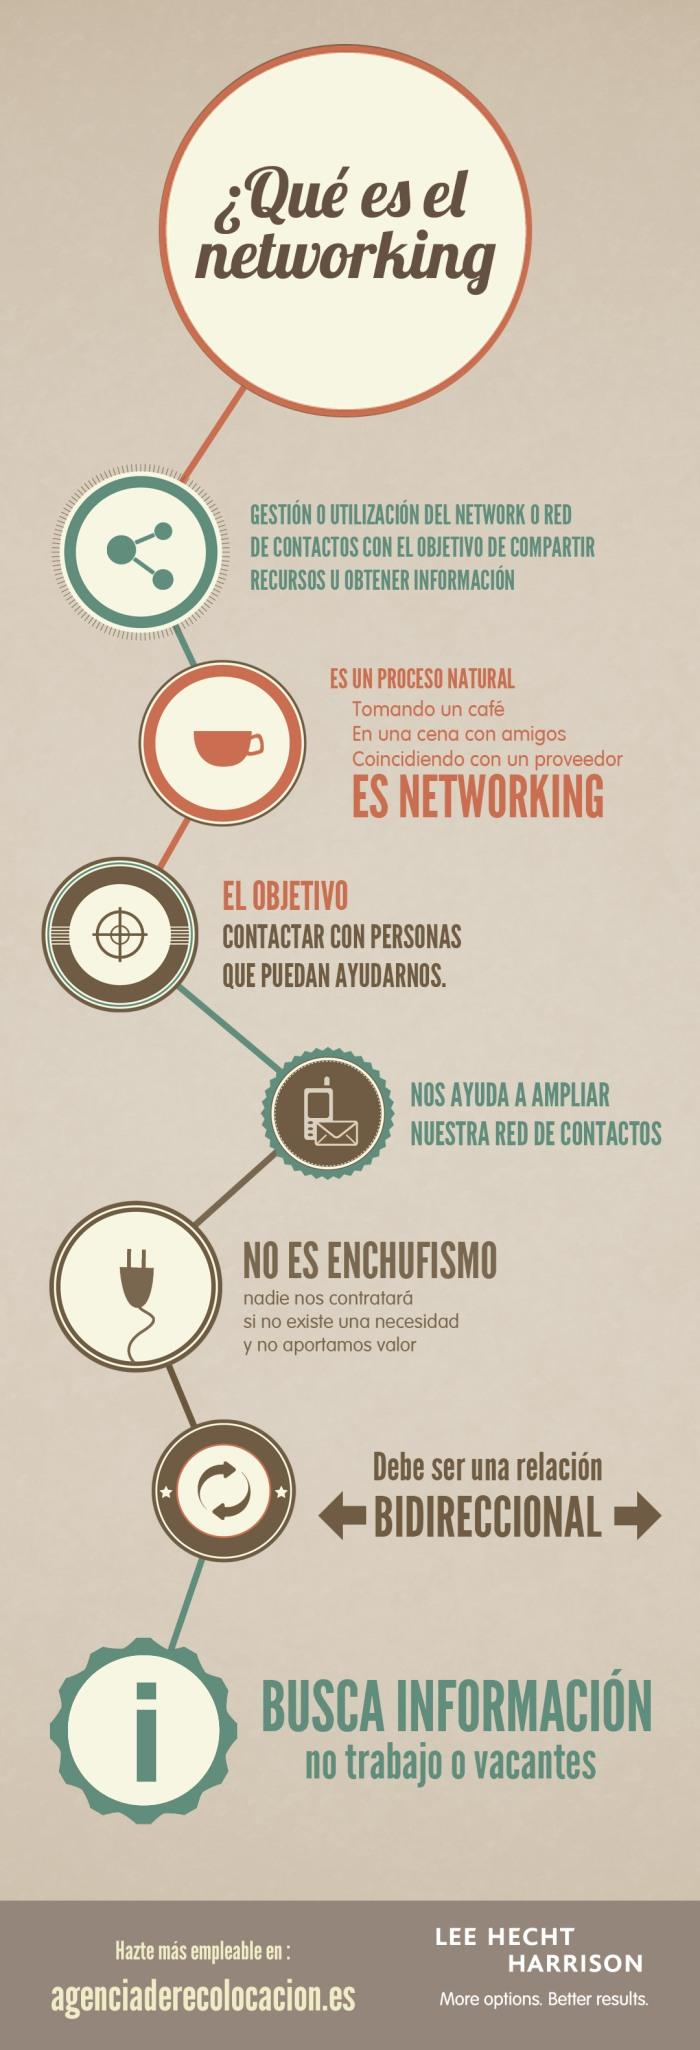 Qué es el networking